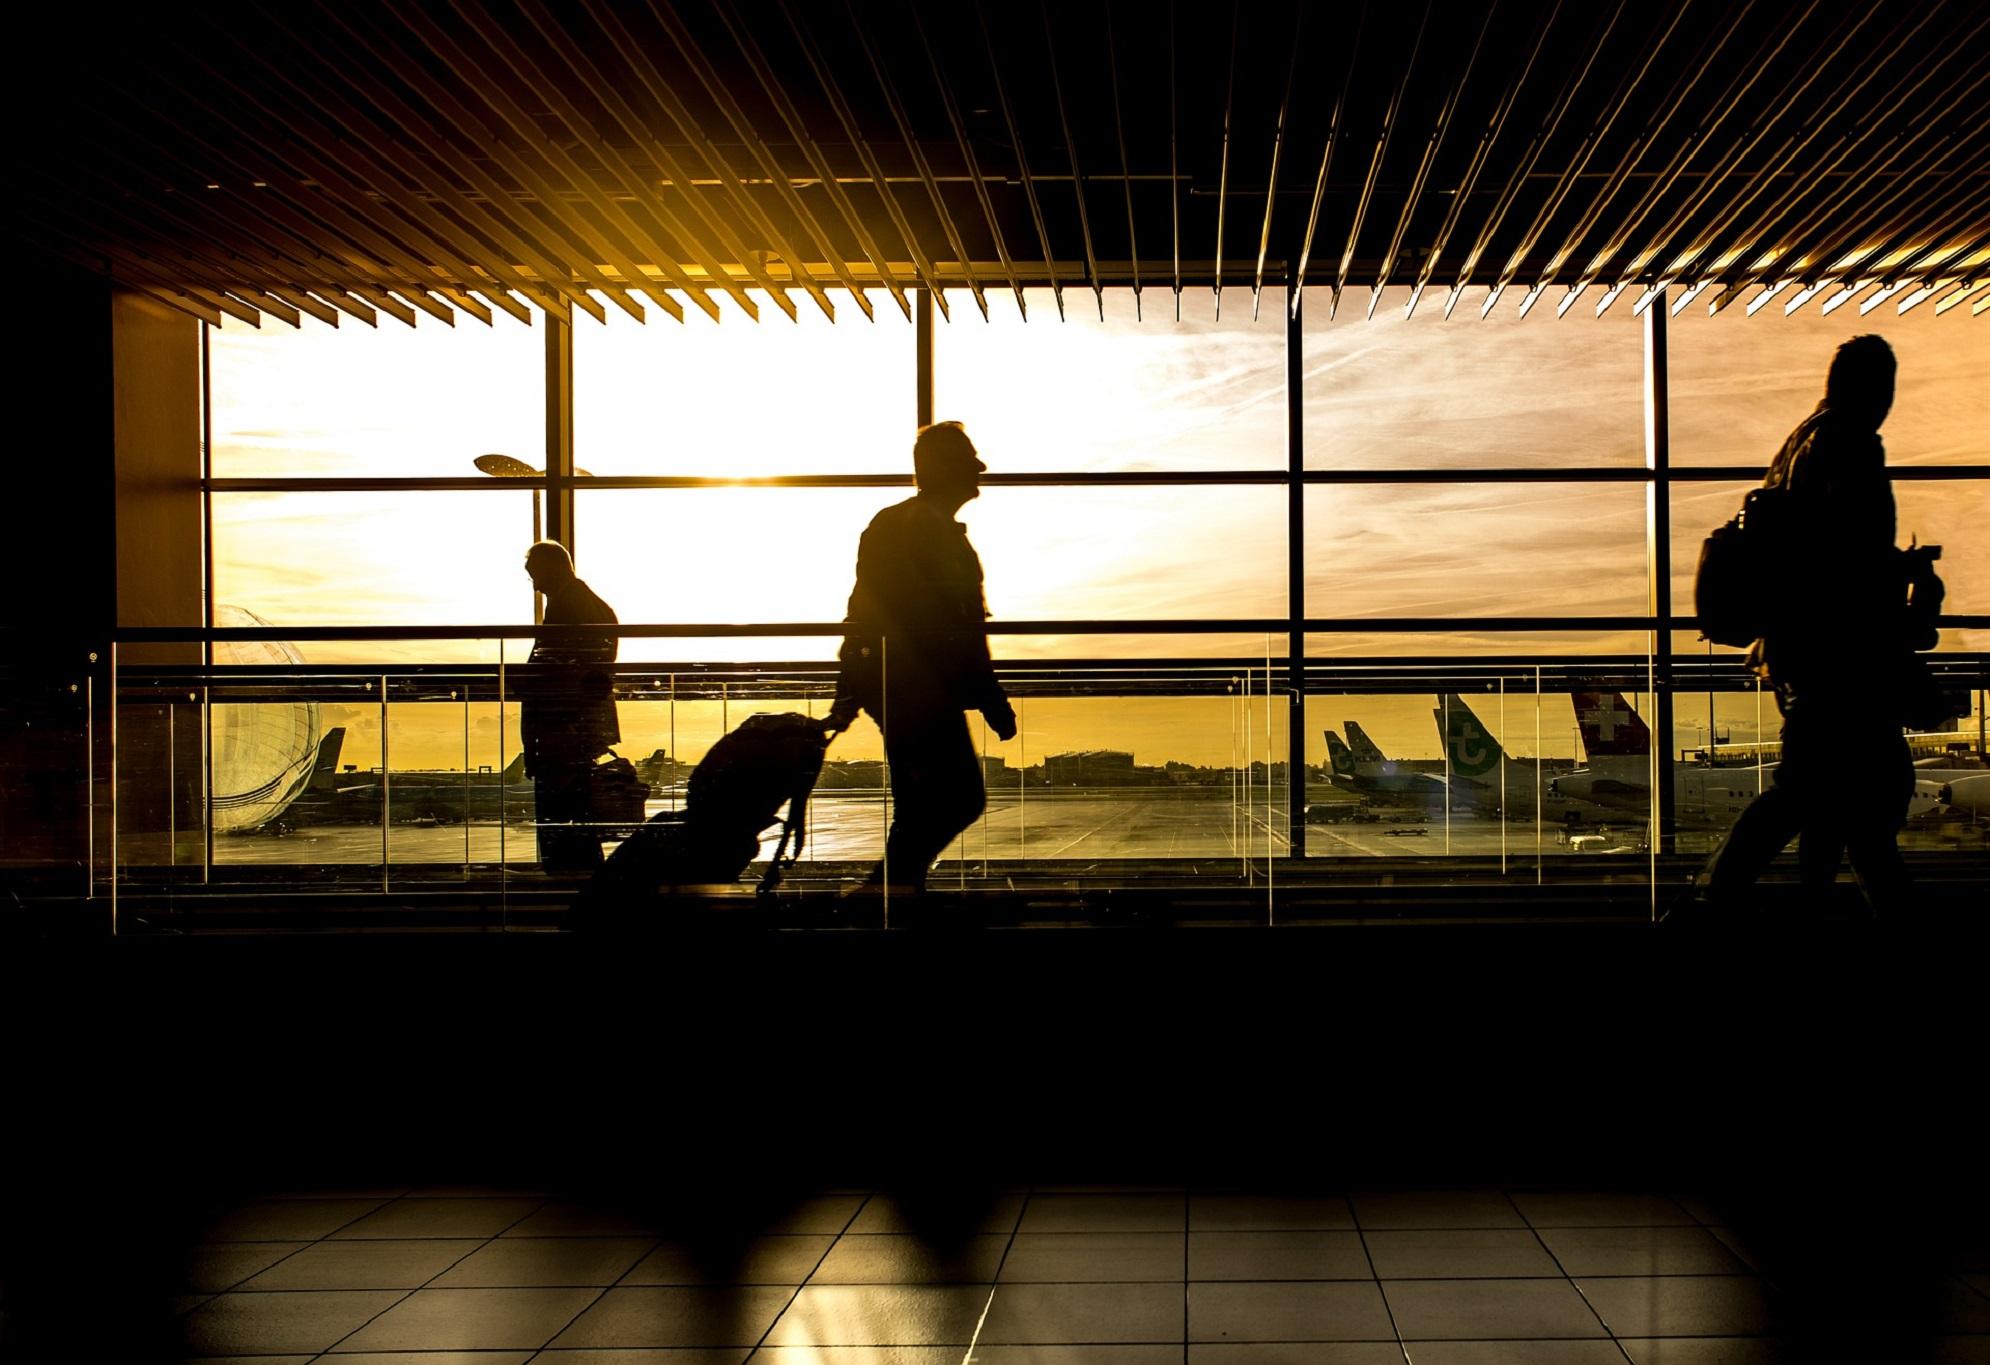 Regulile de respectat în avion și aeroport începând cu luna iunie